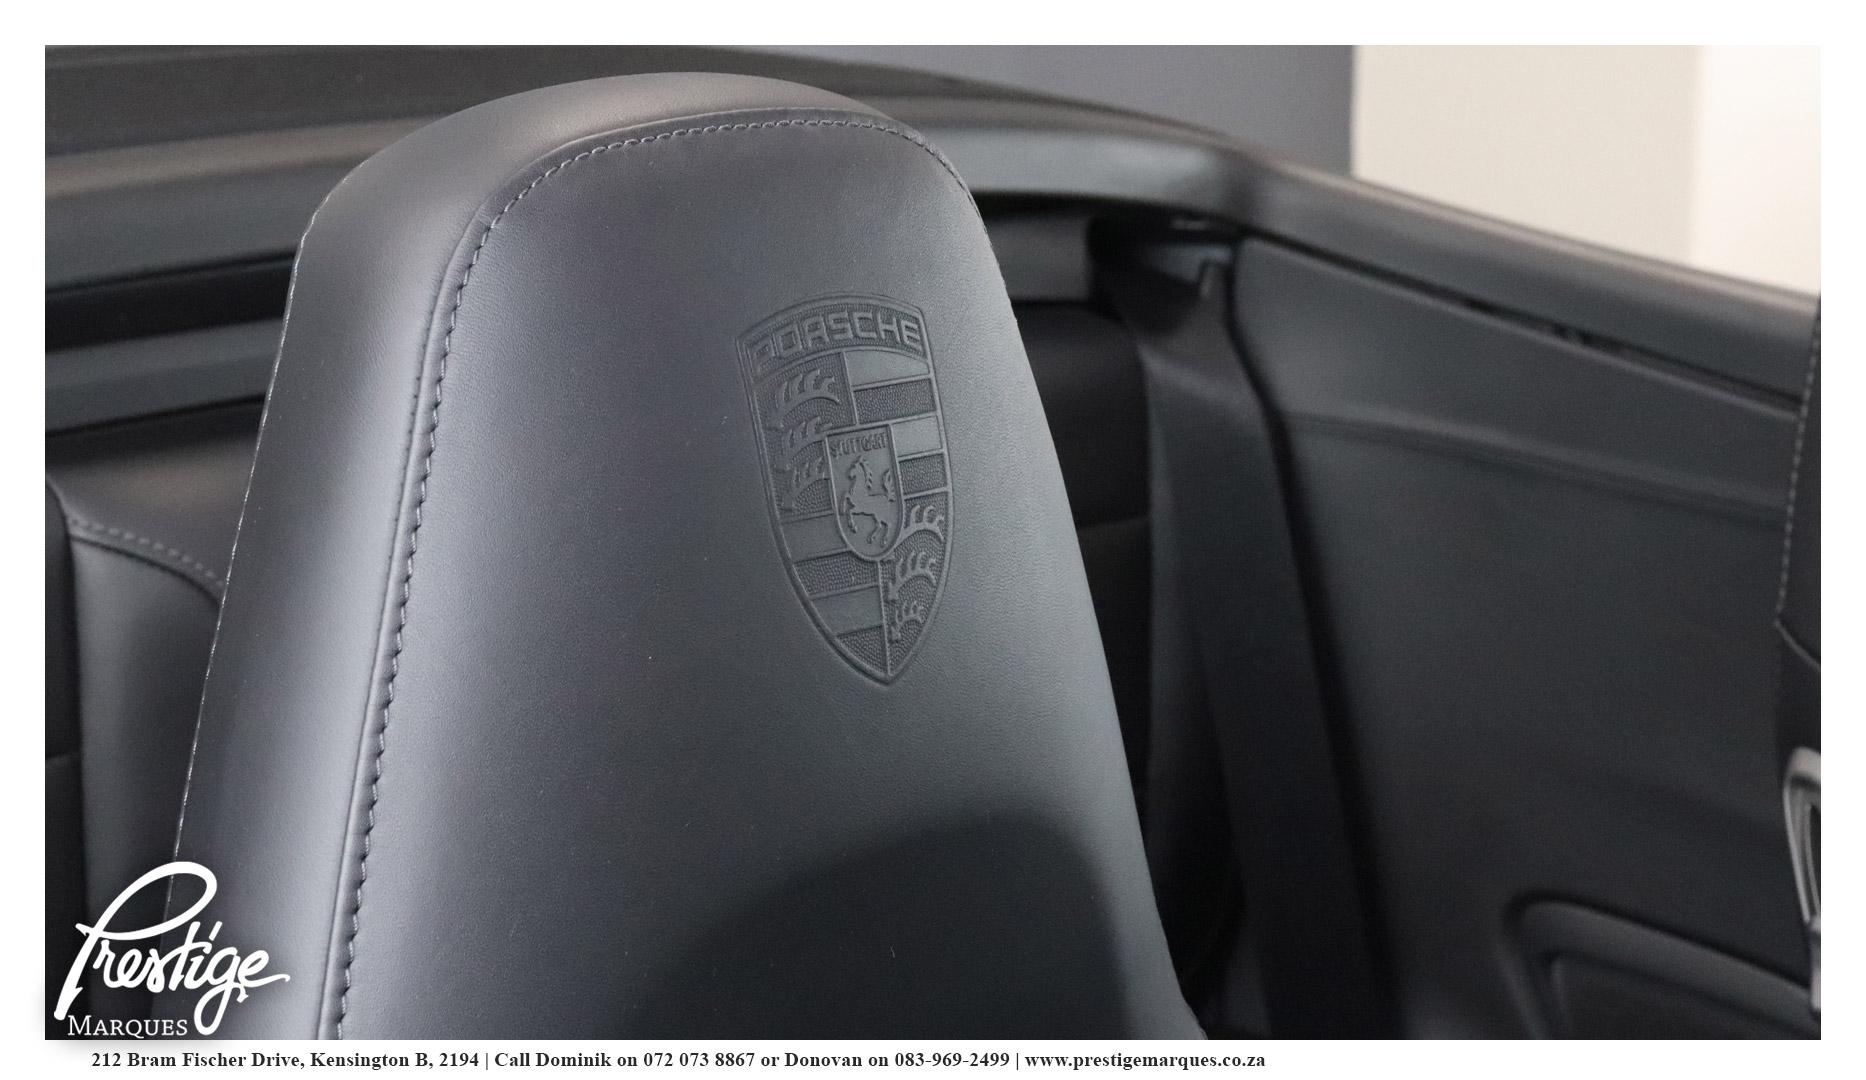 2013-Porsche-911-991-Carrera-4s-PDK-Cabriolet-Prestige-Marques-Randburg-Sandton-16